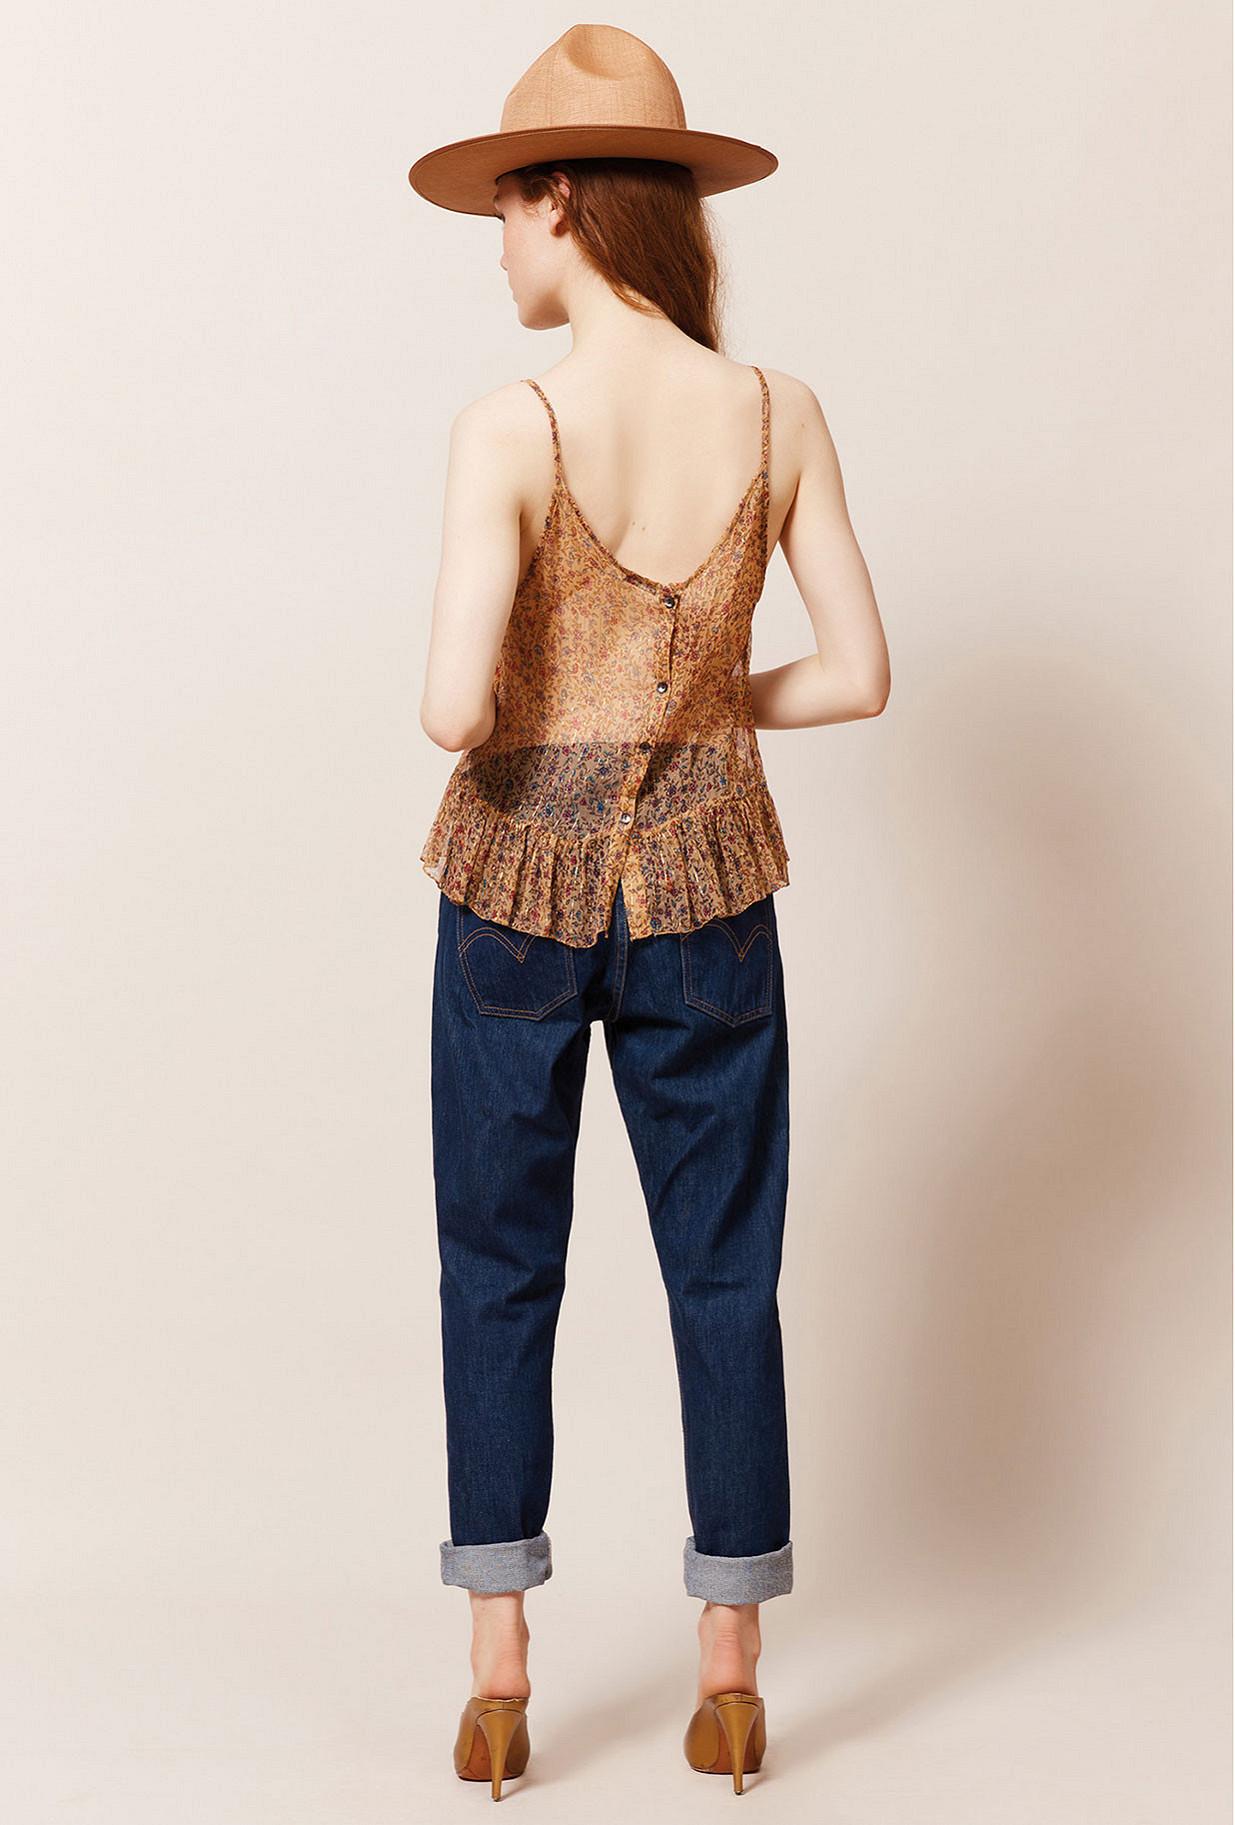 Floral print  Top  Amandine Mes demoiselles fashion clothes designer Paris